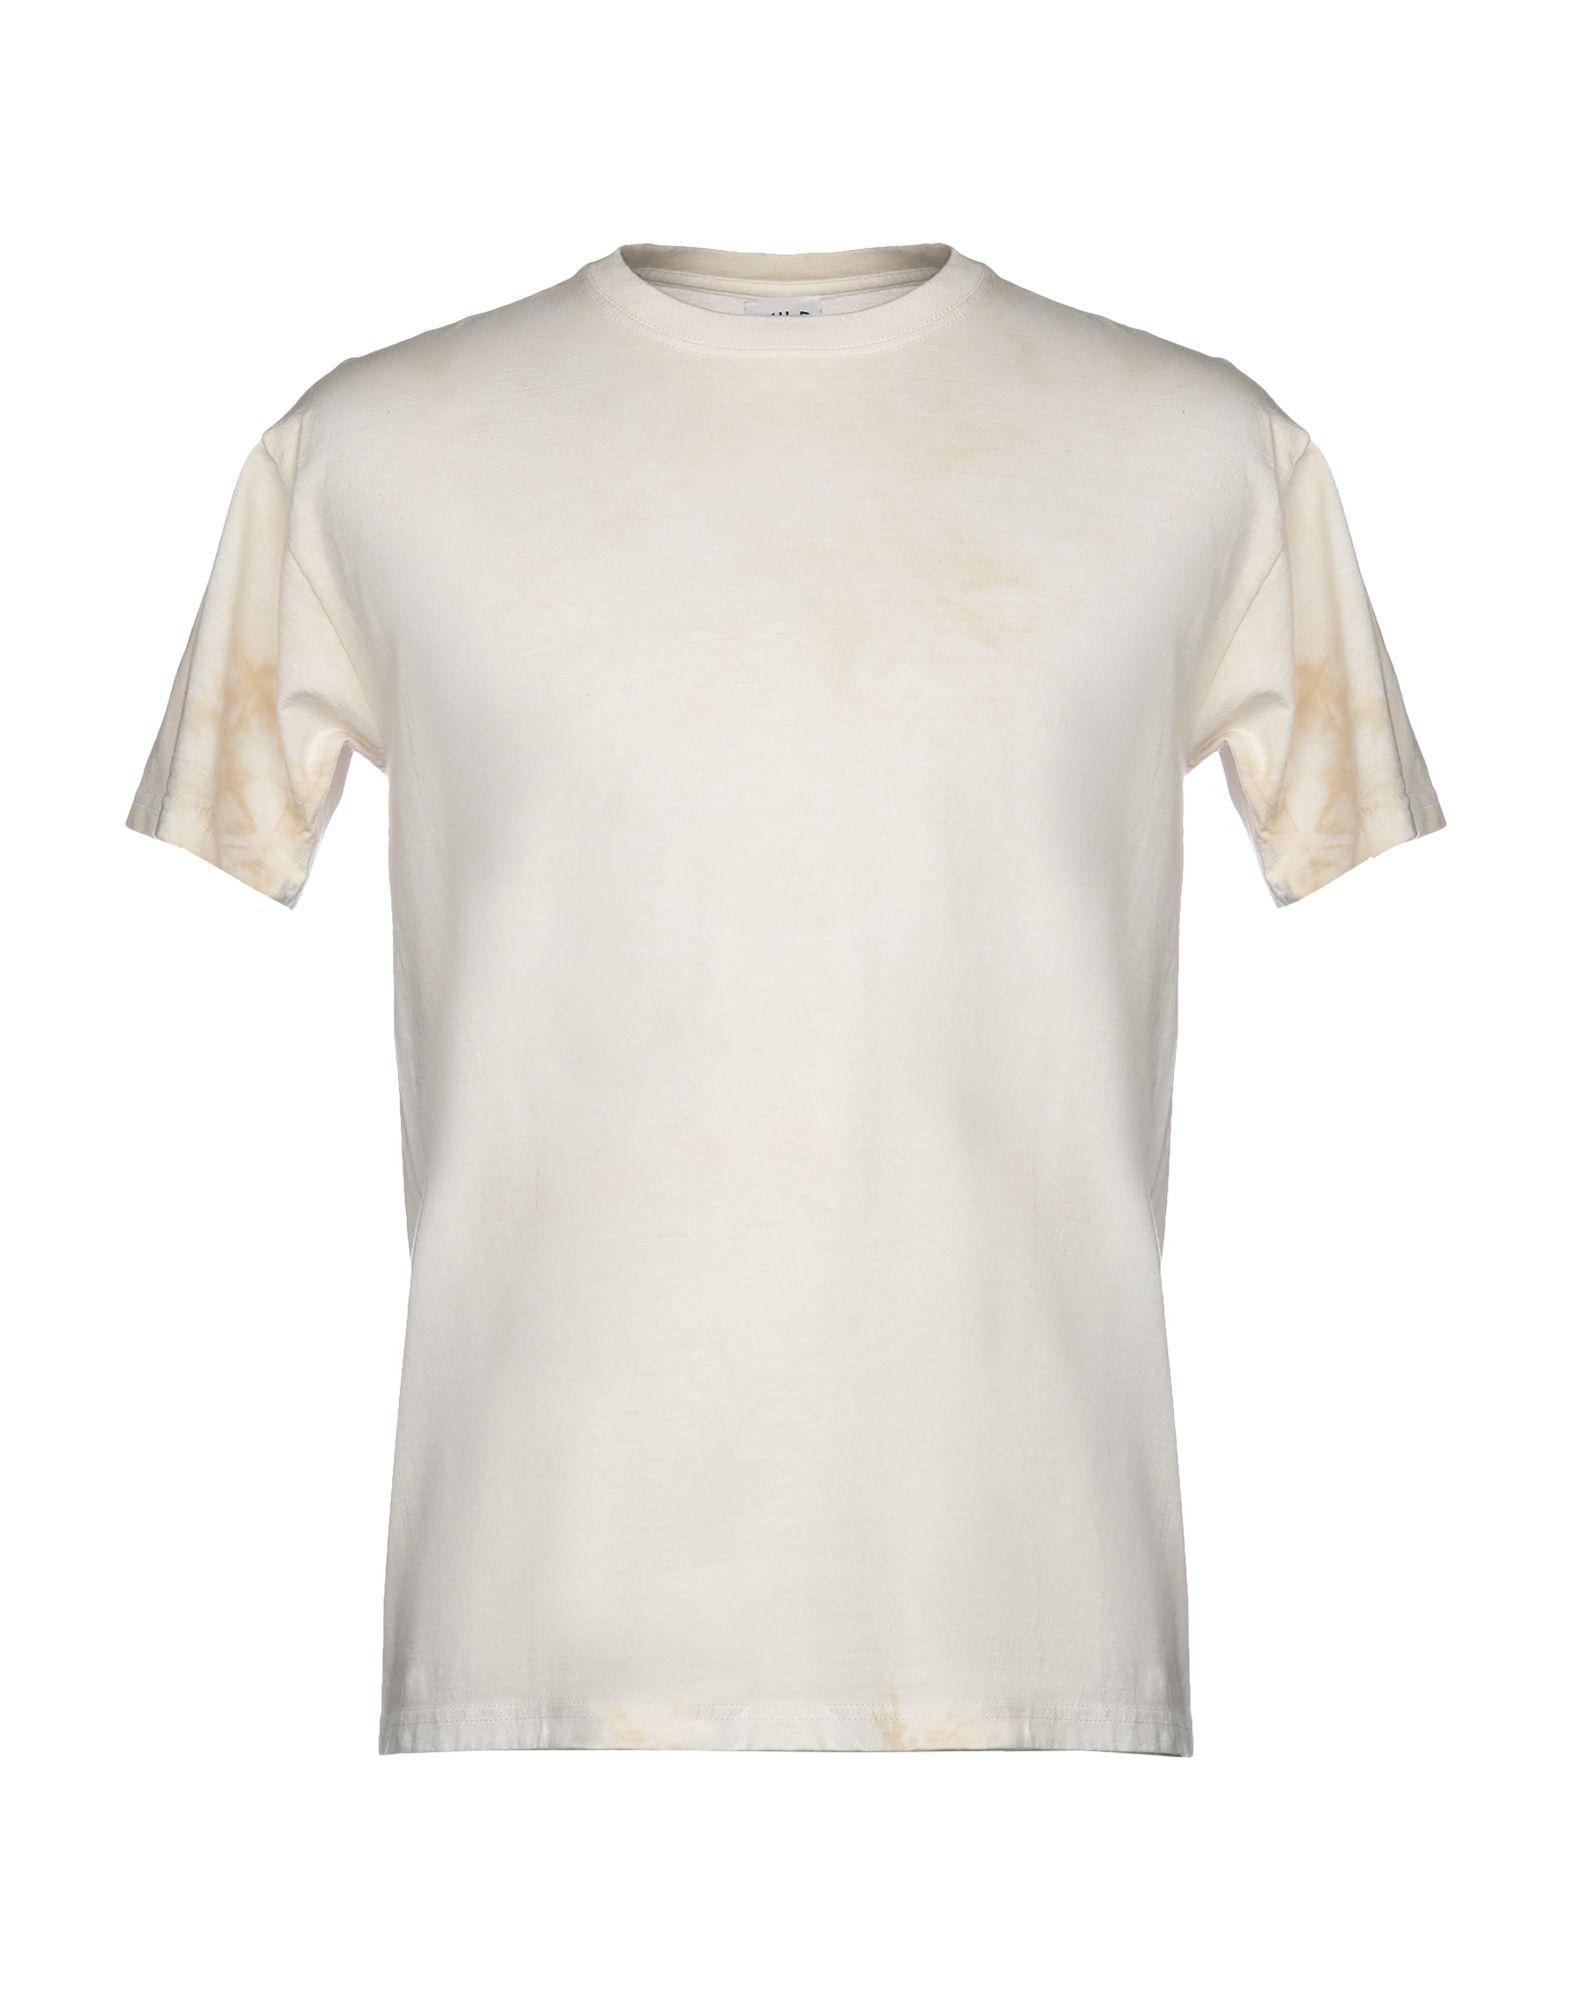 《送料無料》WILD DONKEY メンズ T シャツ ベージュ M コットン 100%